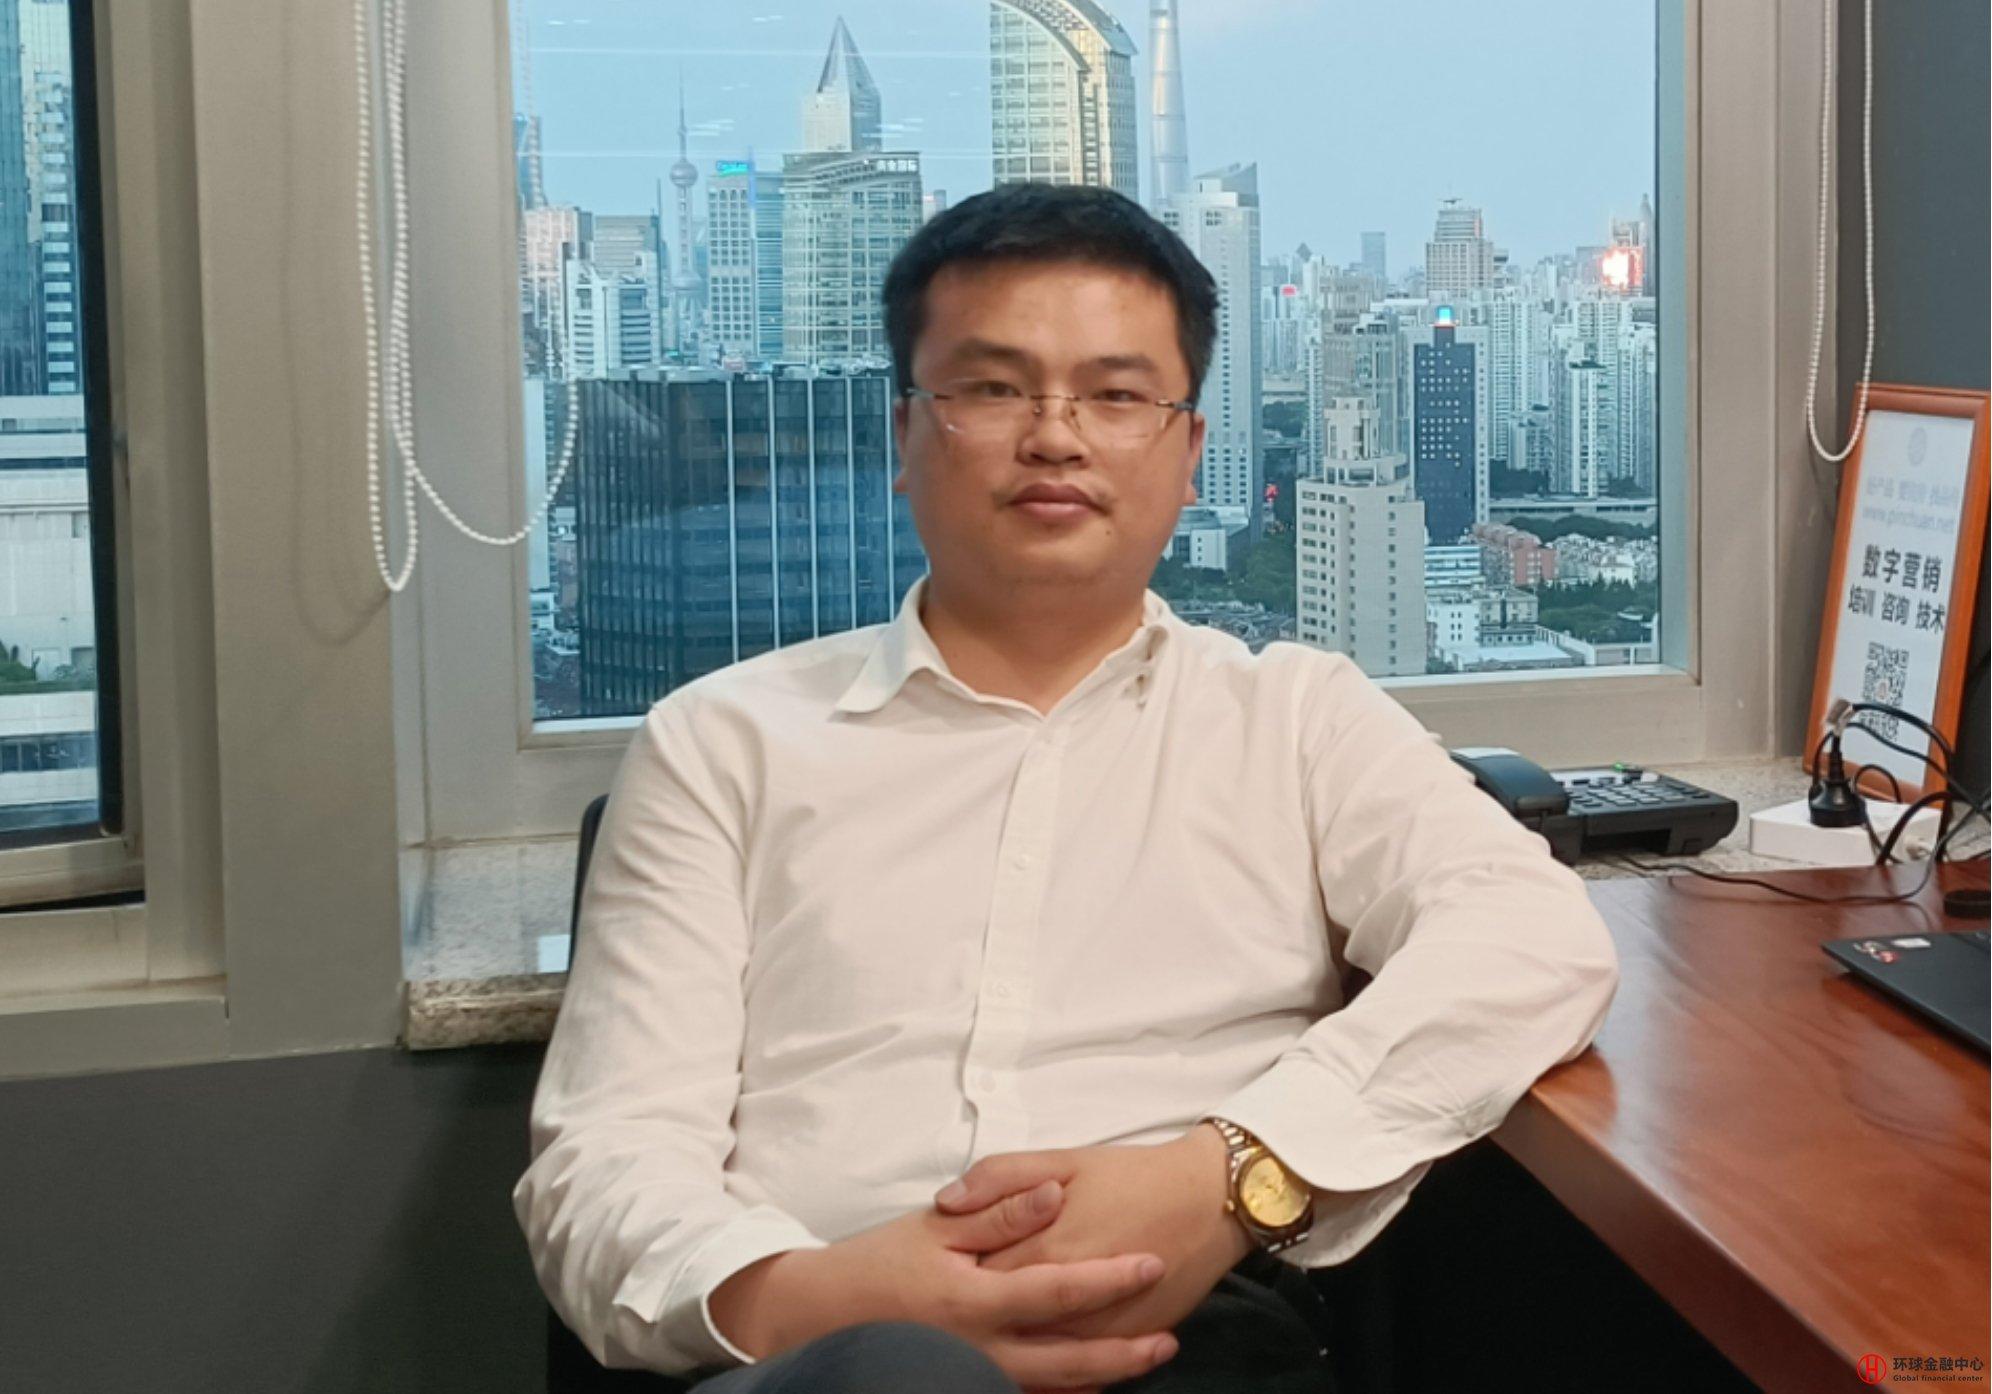 全球八位营销大师包括中国的以为数字营销大咖